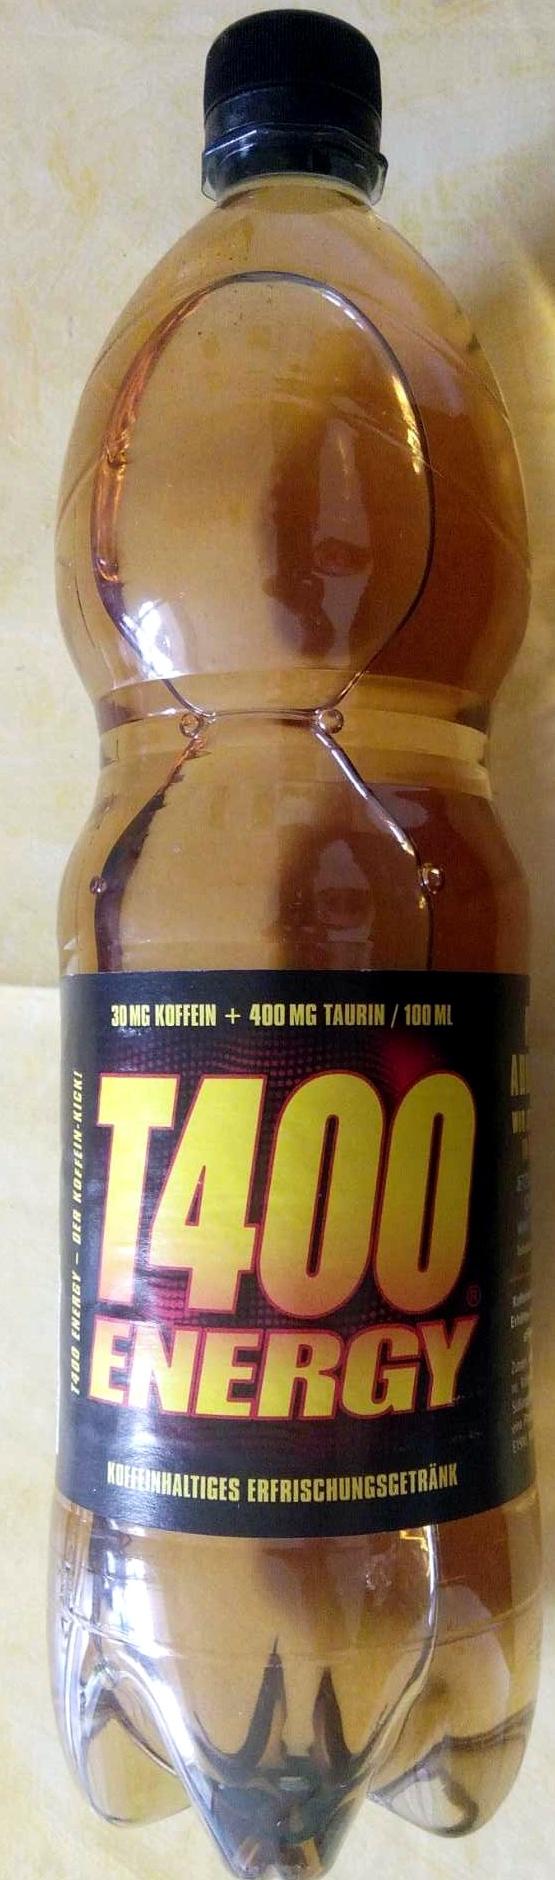 T400 ENERGY - Produit - de